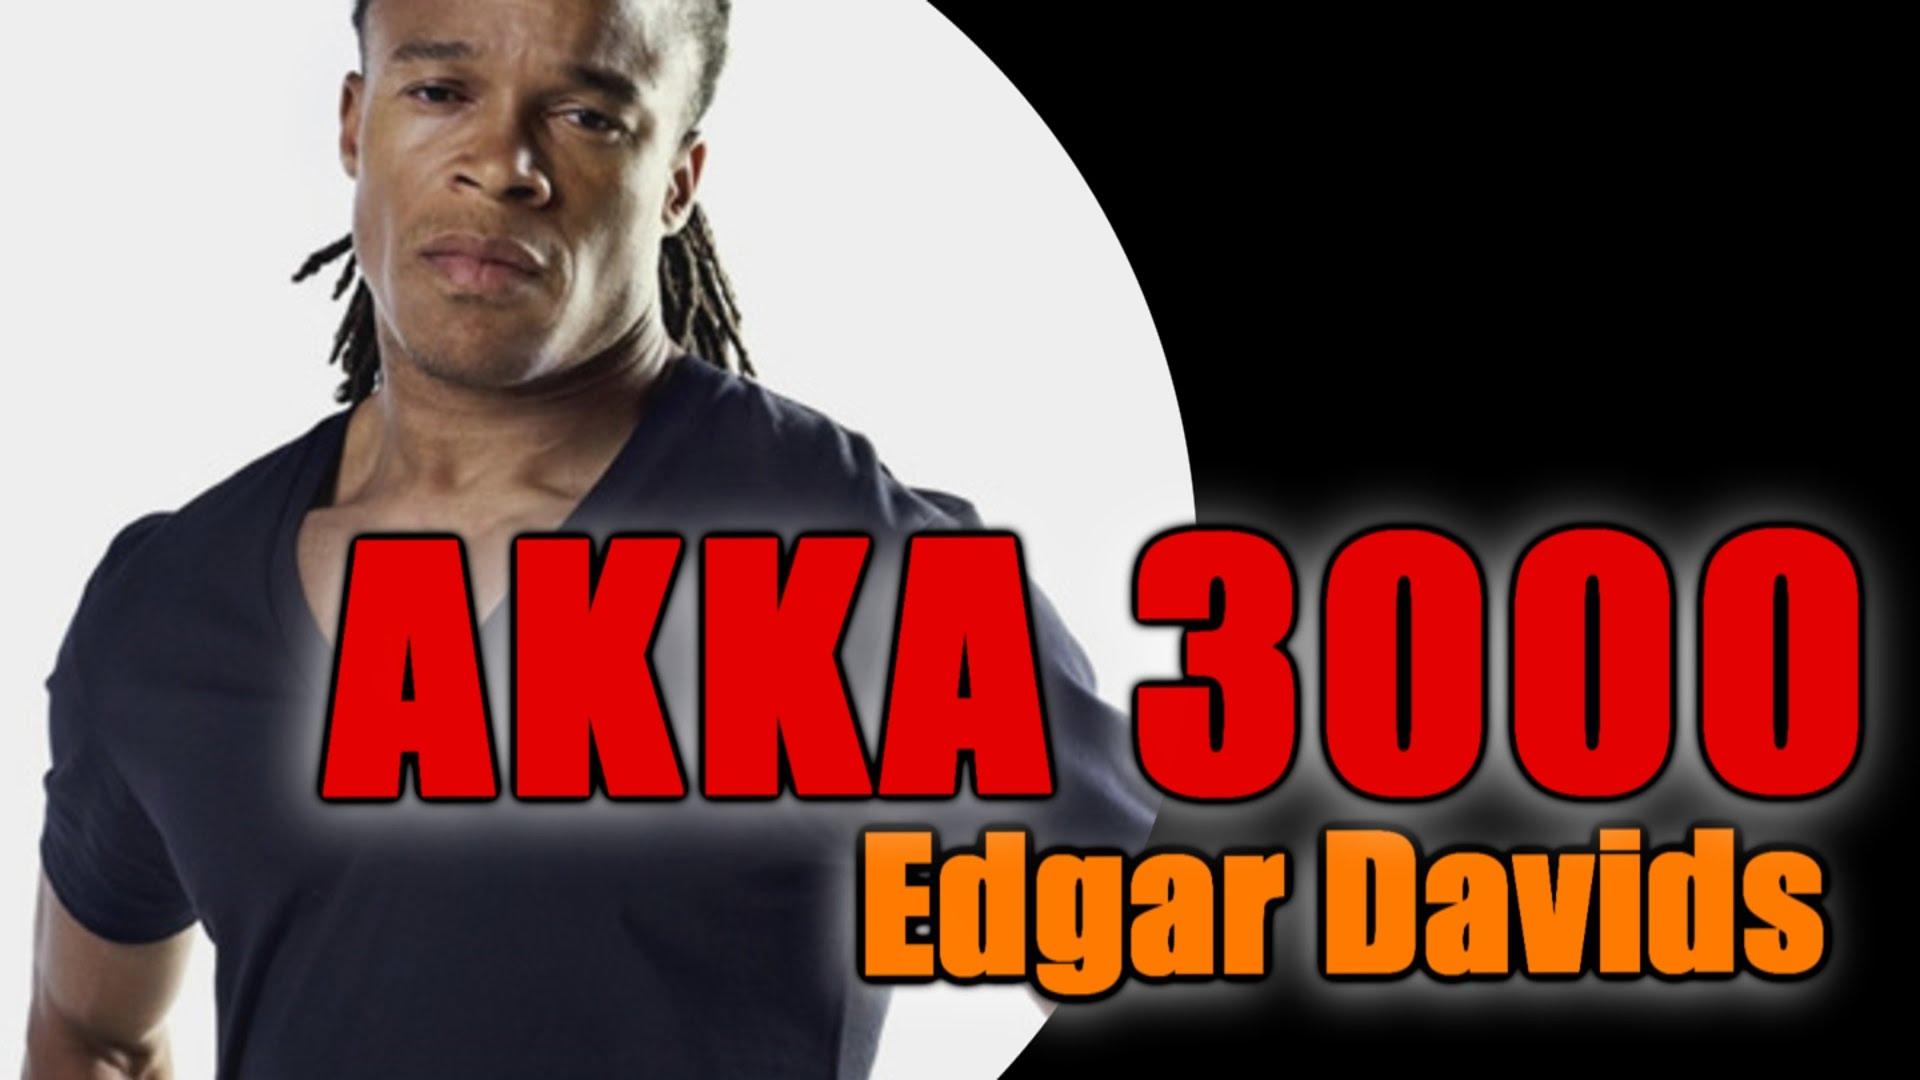 odc.32: Edgar Davids AKKA 3000! #TRENUJzKRZYCHEM